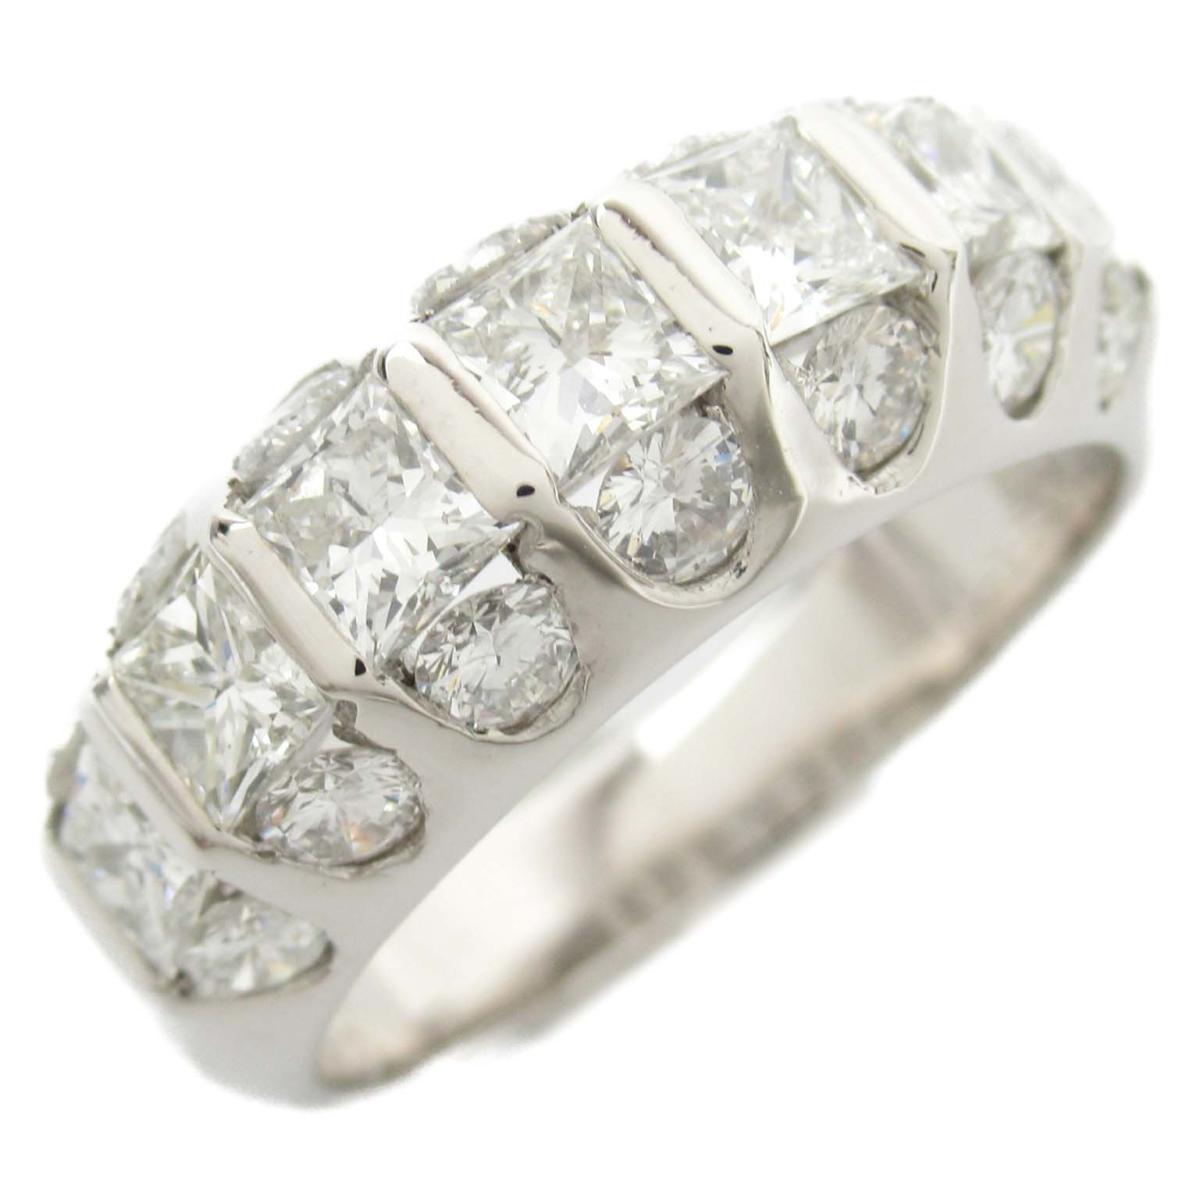 ジュエリー ダイヤモンド リング 指輪 ノーブランドジュエリー レディース PT900 プラチナ x ダイヤモンド1.31 / 0.82ct【中古】 | JEWELRY BRANDOFF ブランドオフ ブランド アクセサリー